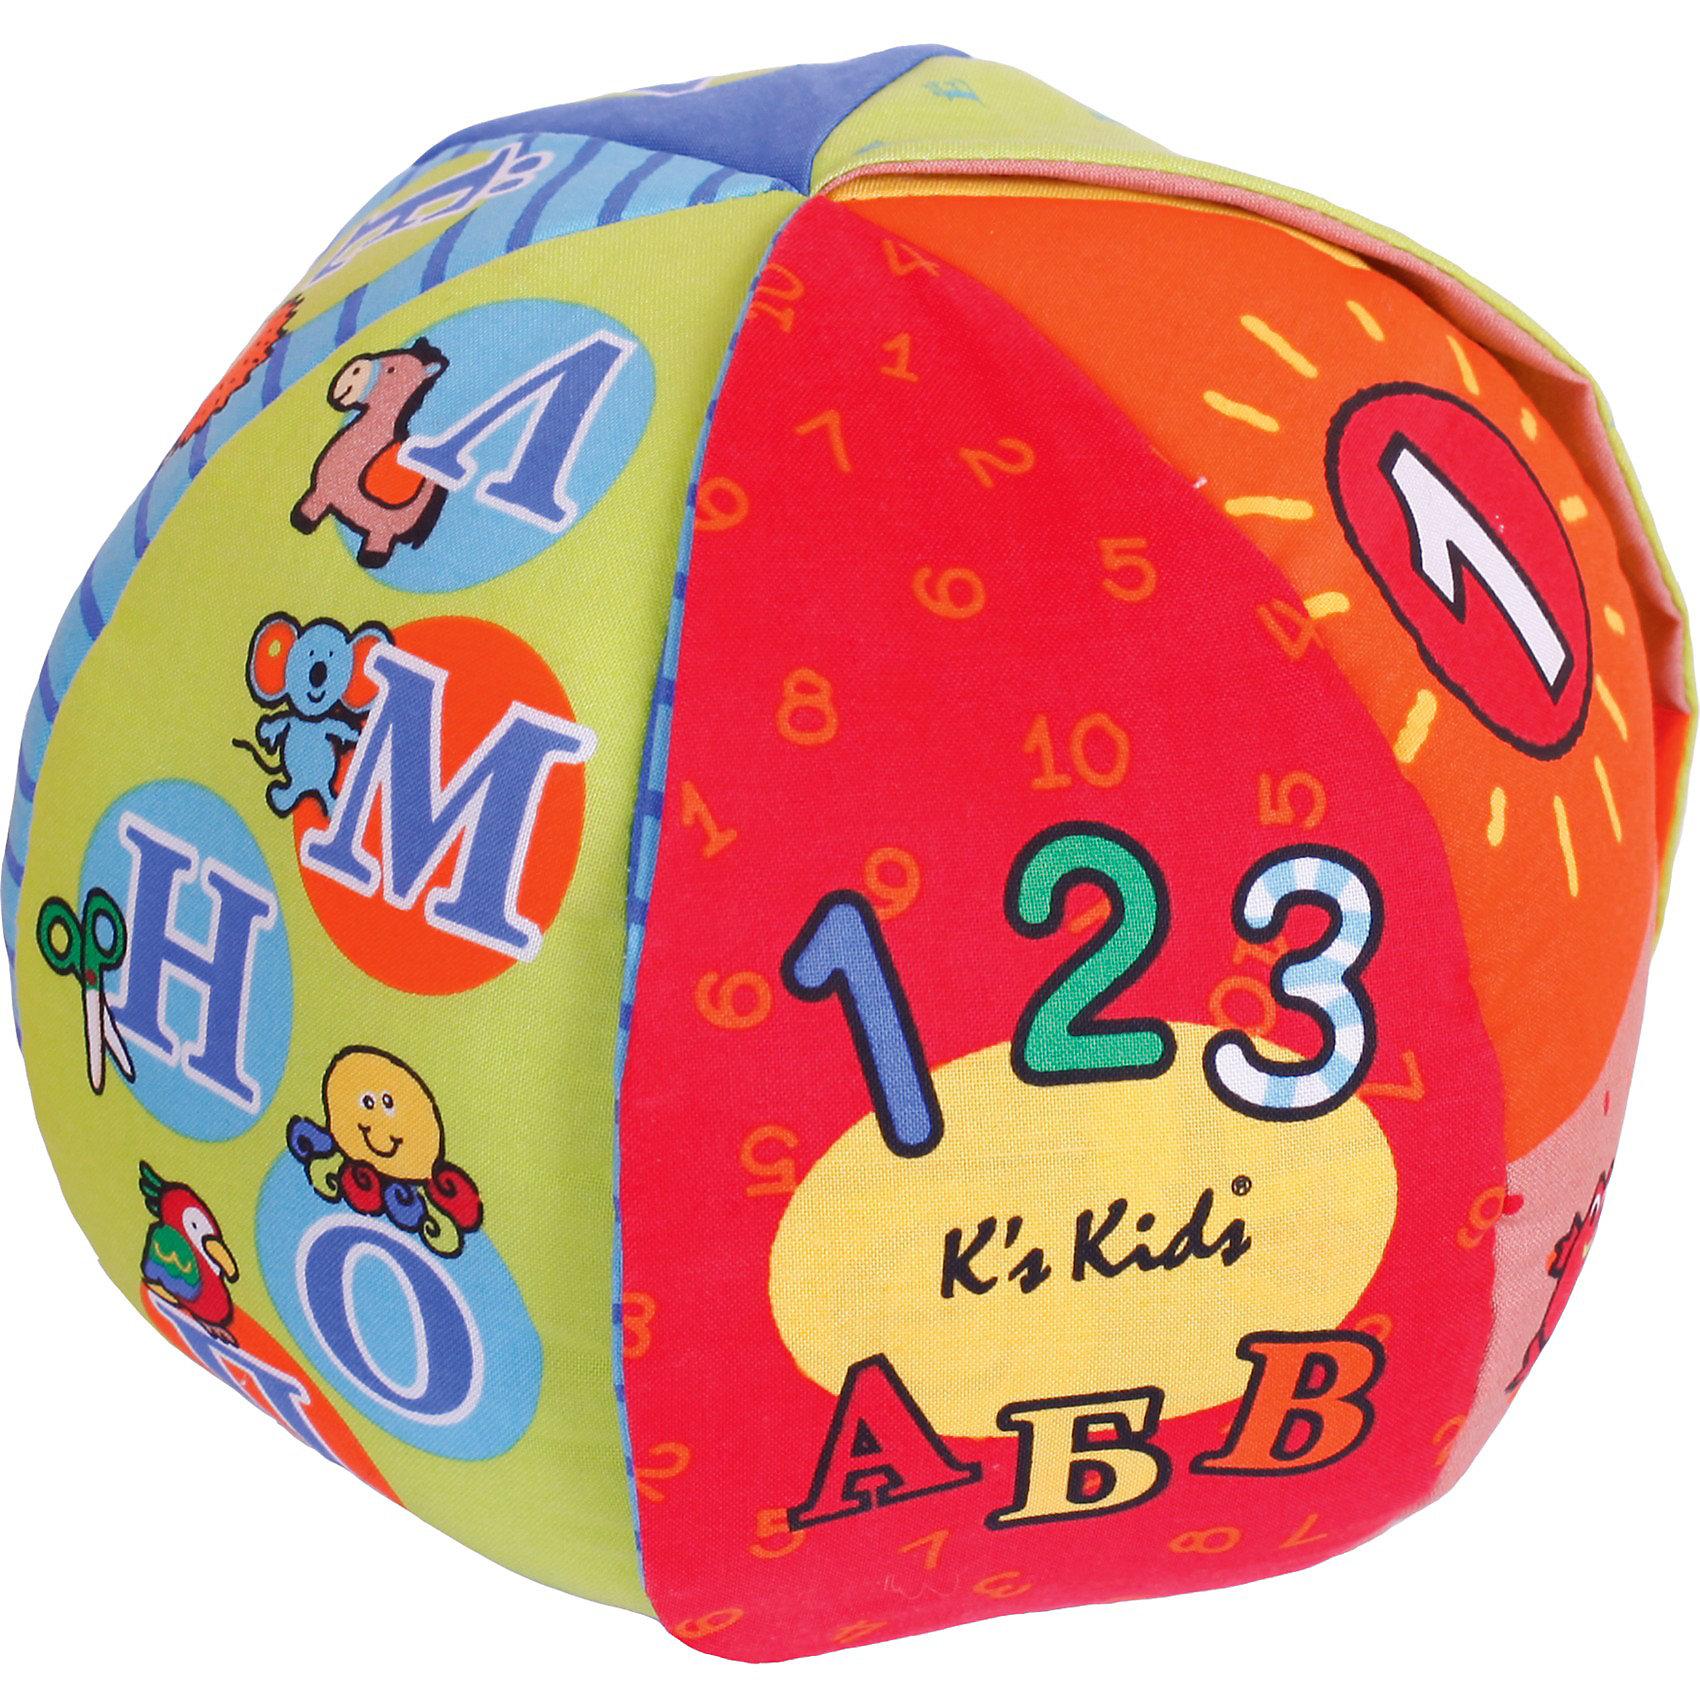 Говорящий мячГоворящий мячик выполнен из мягкого приятного на ощупь текстиля, легкий и удобный. Это удивительная игрушка, которая в игровой форме позволит Вашему ребенку выучивать слова и цифры или же сказать самое первое слово. Мяч надо кидать друг другу, а он будет говорить слово тому, кто держит его в руках. Малыш может сразу же повторить то, что услышал. Цифры на мяче обозначены также и в количественном выражении (возле 1 изображено одно солнышко, возле 5 - пять рыбок и т.п.). Мяч произносит всего 25 песенок, фраз и футбольных звуков. Значение и написание слов легко запомнится ребенку и значительно расширит его кругозор. Такая простая игра стимулирует ребенка к разговору. Говорящий мяч обладает красивым и ярким дизайном. Он приятный на ощупь и хорошо удерживается детскими руками. Ребенок сможет развивать речевой аппарат, координацию своих движений, ловкость, моторику пальцев и сенсорное восприятие.<br><br>Дополнительная информация:<br><br>- игрушка русифицирована<br>- материал: текстиль<br>- диаметр мяча: 22 см.<br>- размер коробки: 19 х19х24 см.<br>- вес: 281 гр.<br>- мяч говорит и обучает цифрам, счету, цветам. Есть переключатель громкости<br>- можно стирать в стиральной машине после удаления электронной базы<br>- работа от 2-х батареек типа ААА<br><br>Говорящий мяч от Ks Kids можно купить в нашем интернет-магазине.<br><br>Ширина мм: 200<br>Глубина мм: 200<br>Высота мм: 200<br>Вес г: 481<br>Возраст от месяцев: 12<br>Возраст до месяцев: 36<br>Пол: Унисекс<br>Возраст: Детский<br>SKU: 3155518